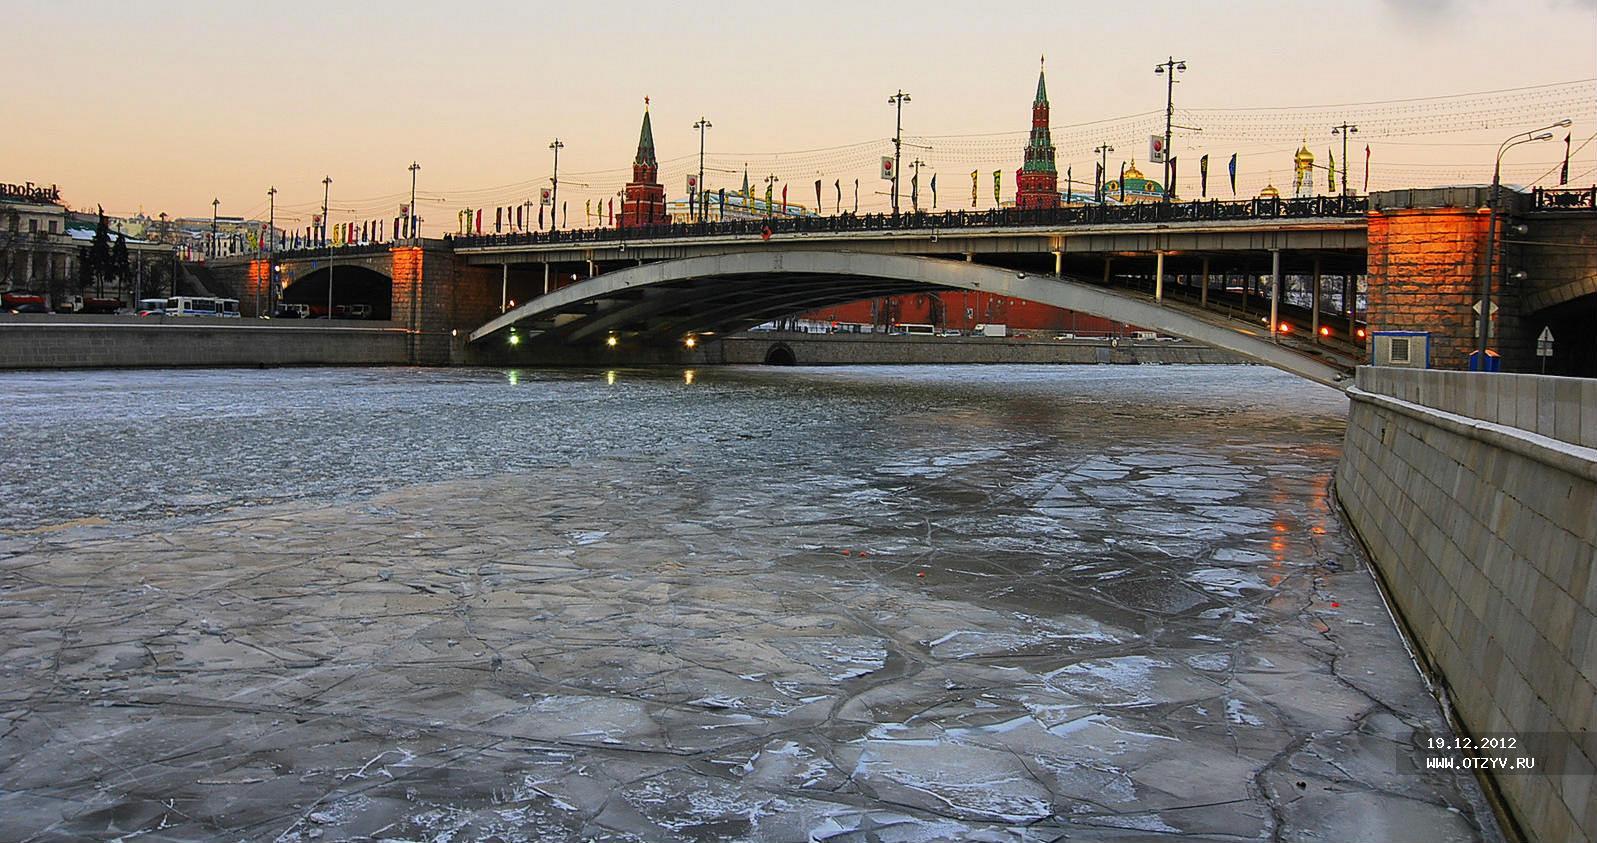 г москва каменный мост показать на фото год